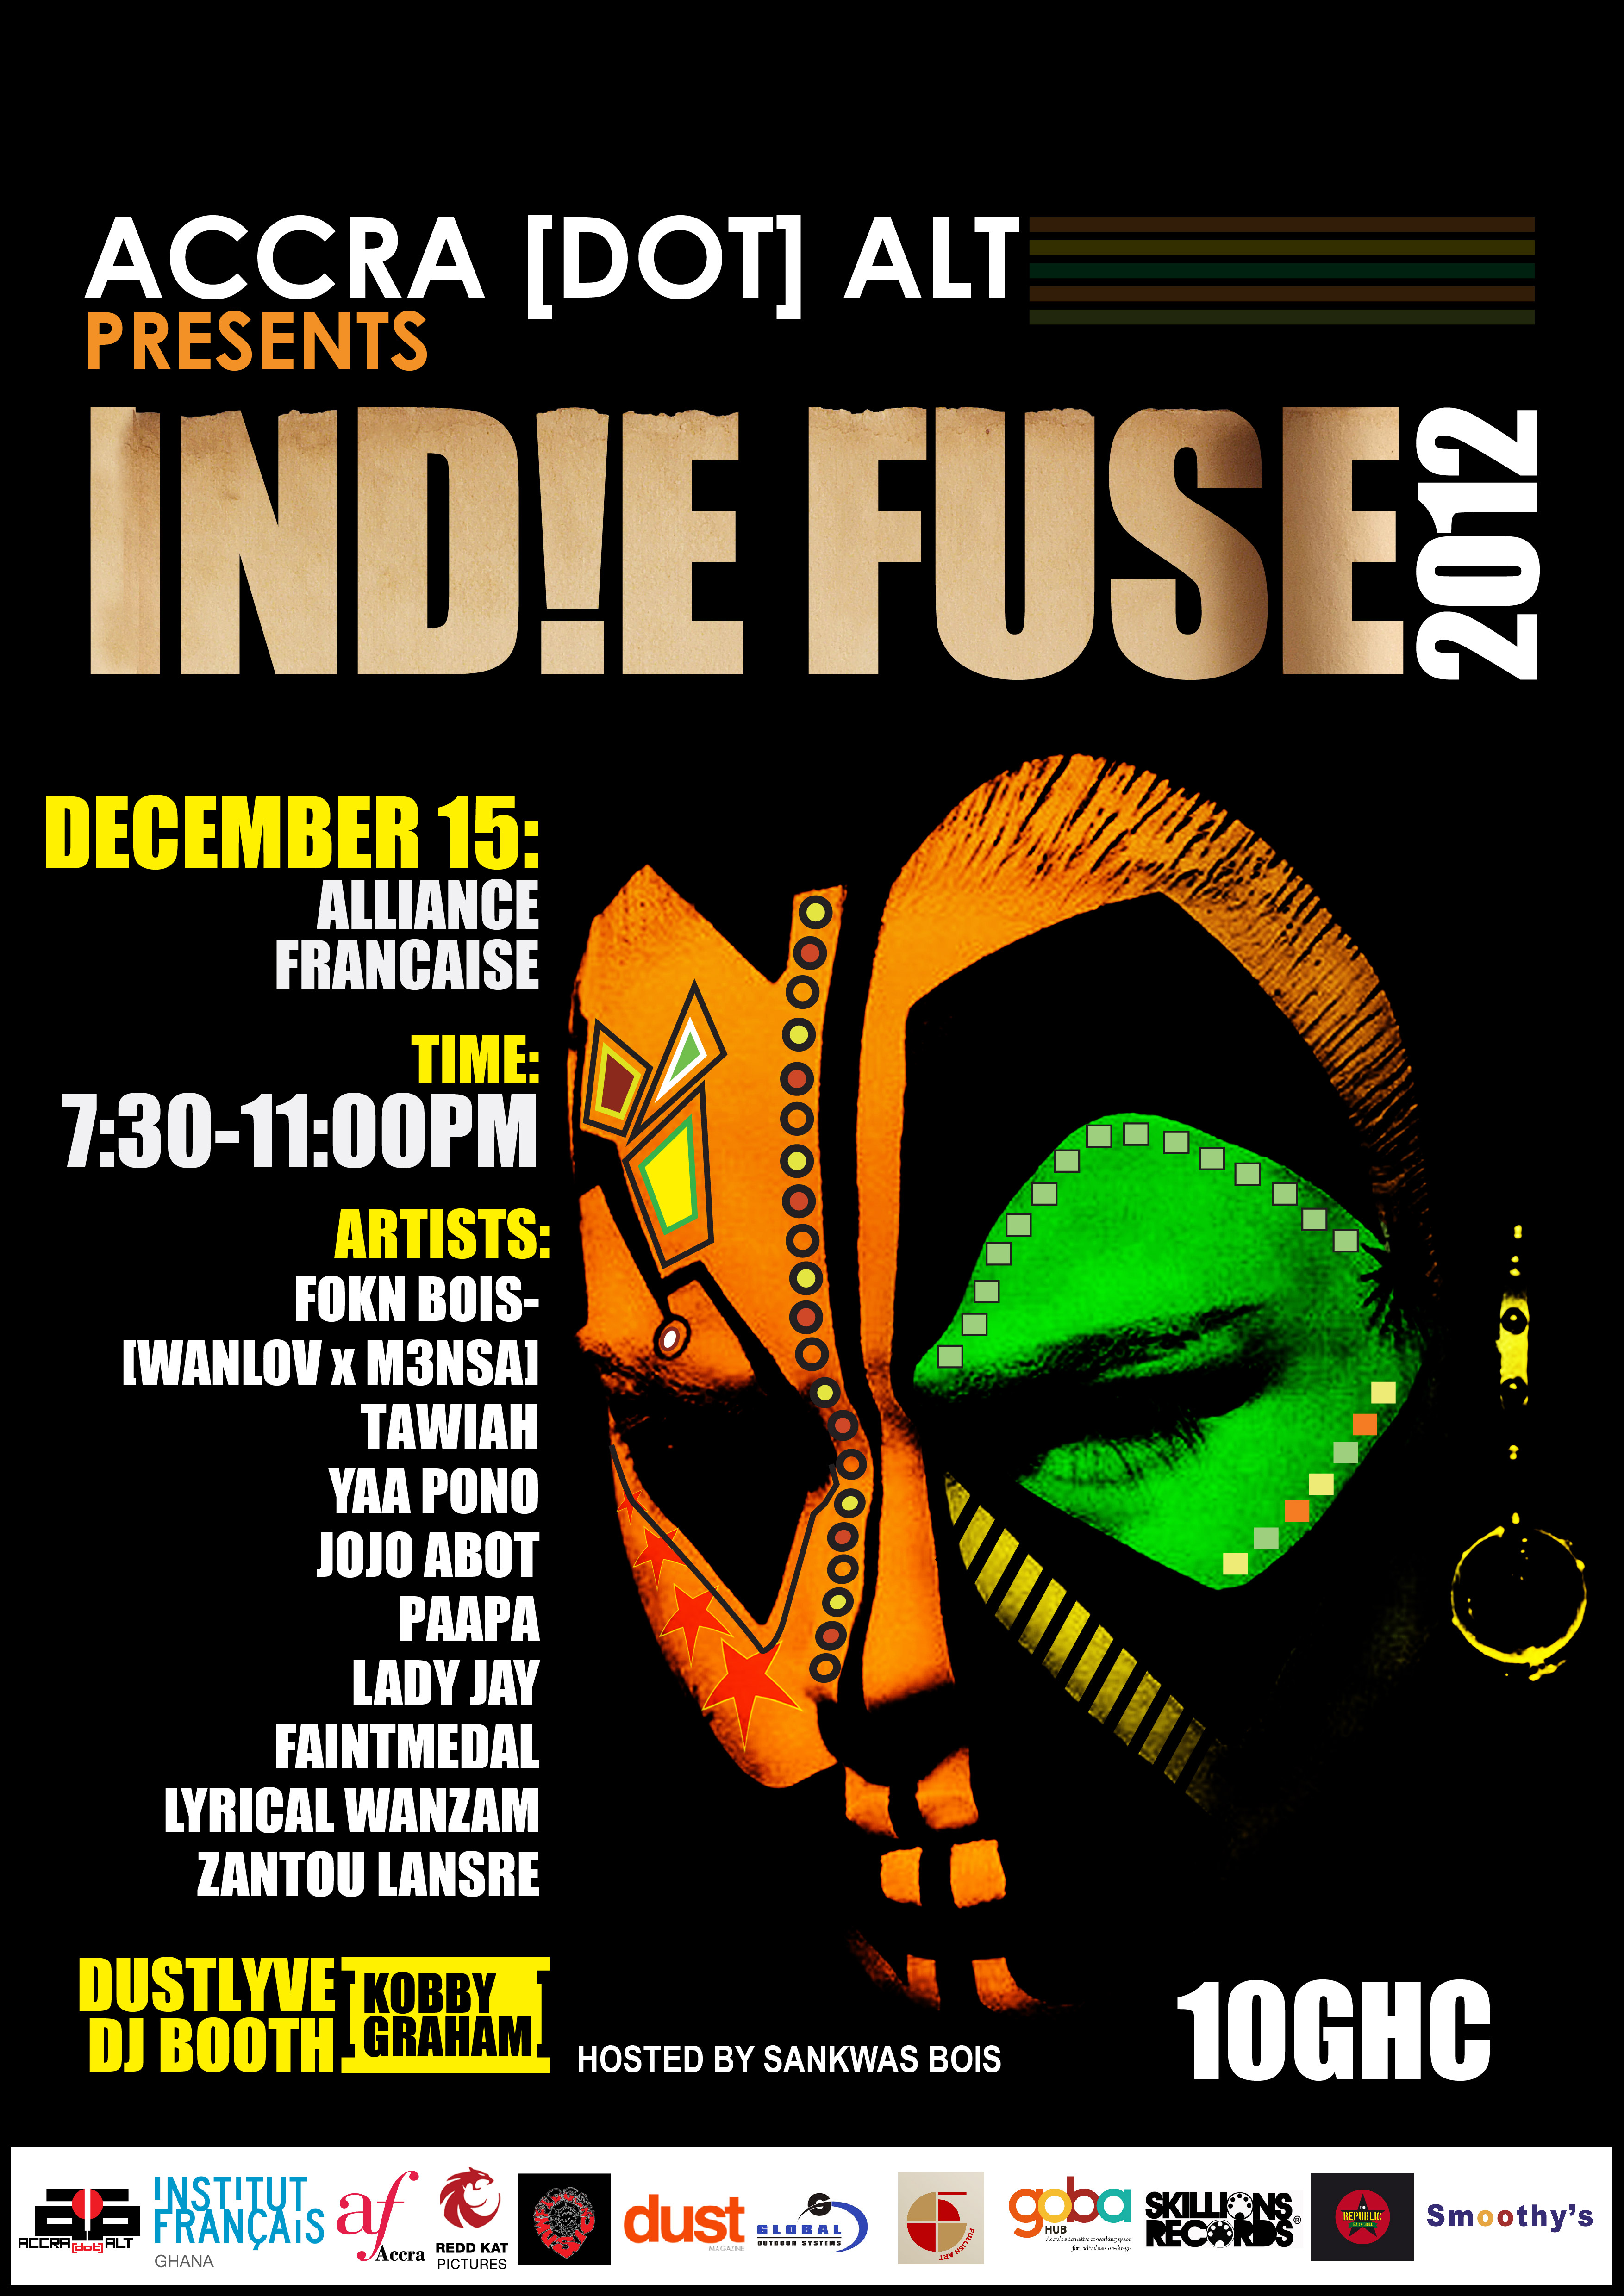 IND!E FUSE 2012: Live Electro Accra [DEC. 14th x 15th]